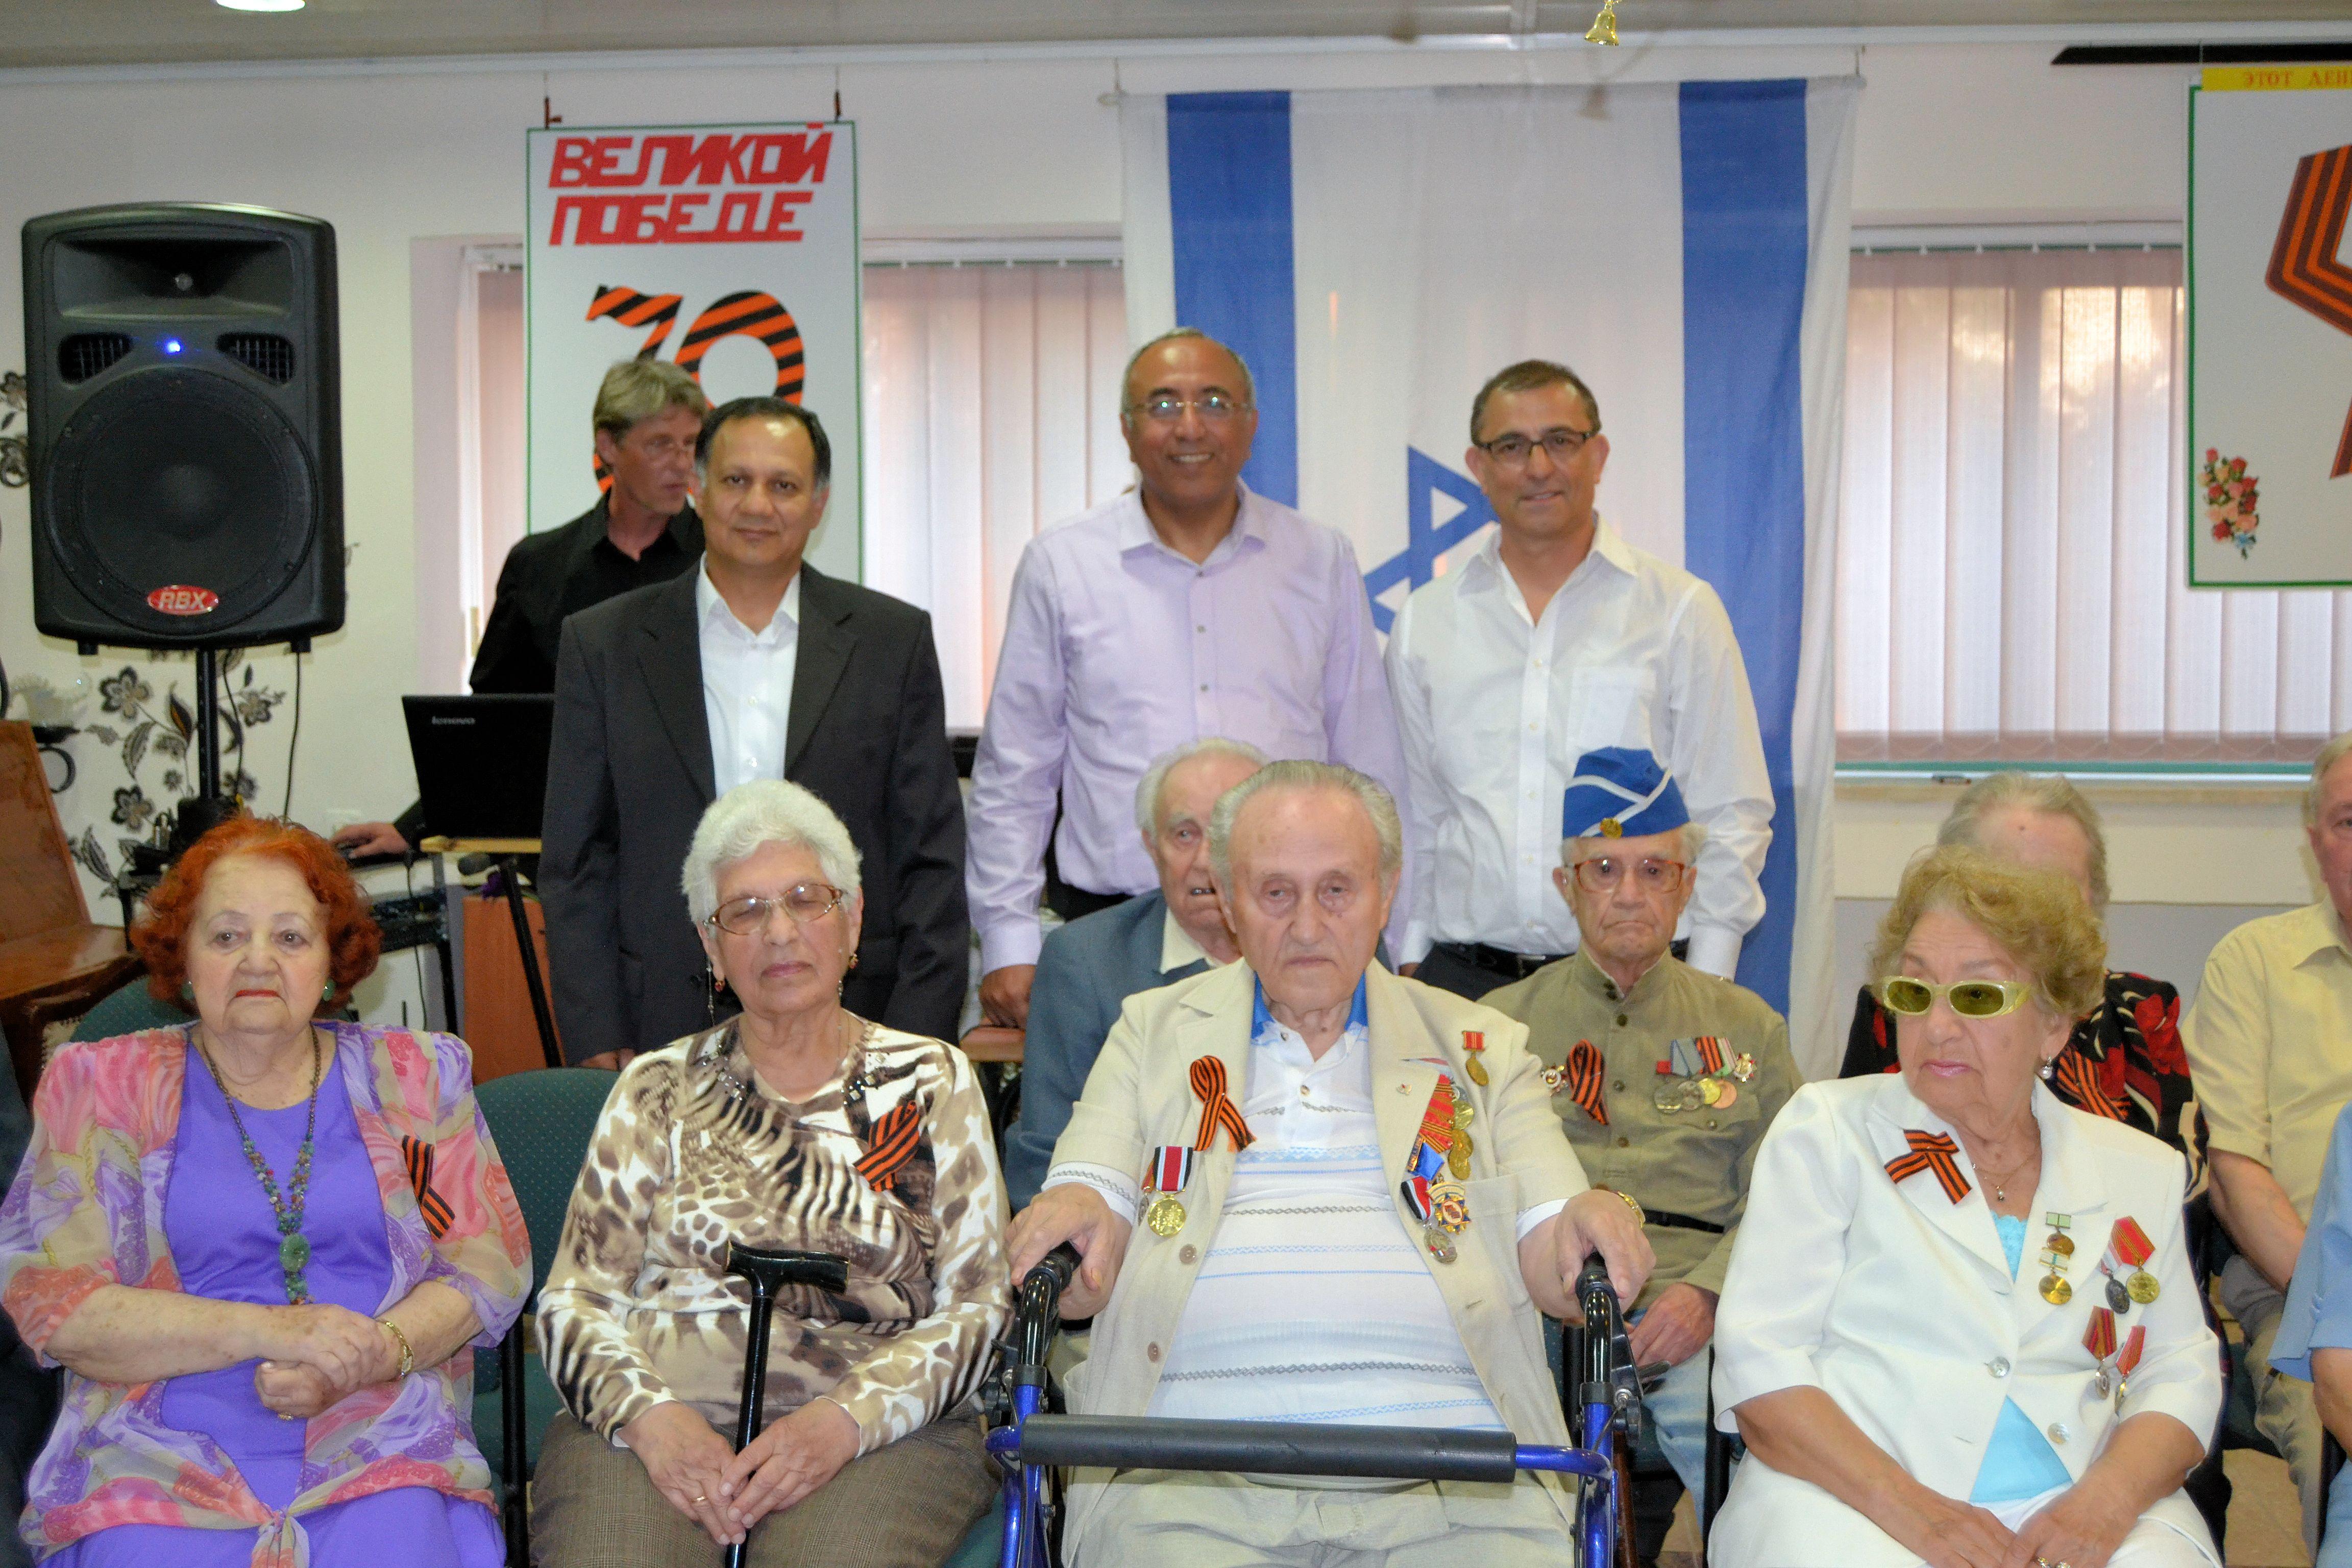 70 שנה ליום הניצחון על הנאצים בדיור בית גיל הזהב בקריית גת (2)